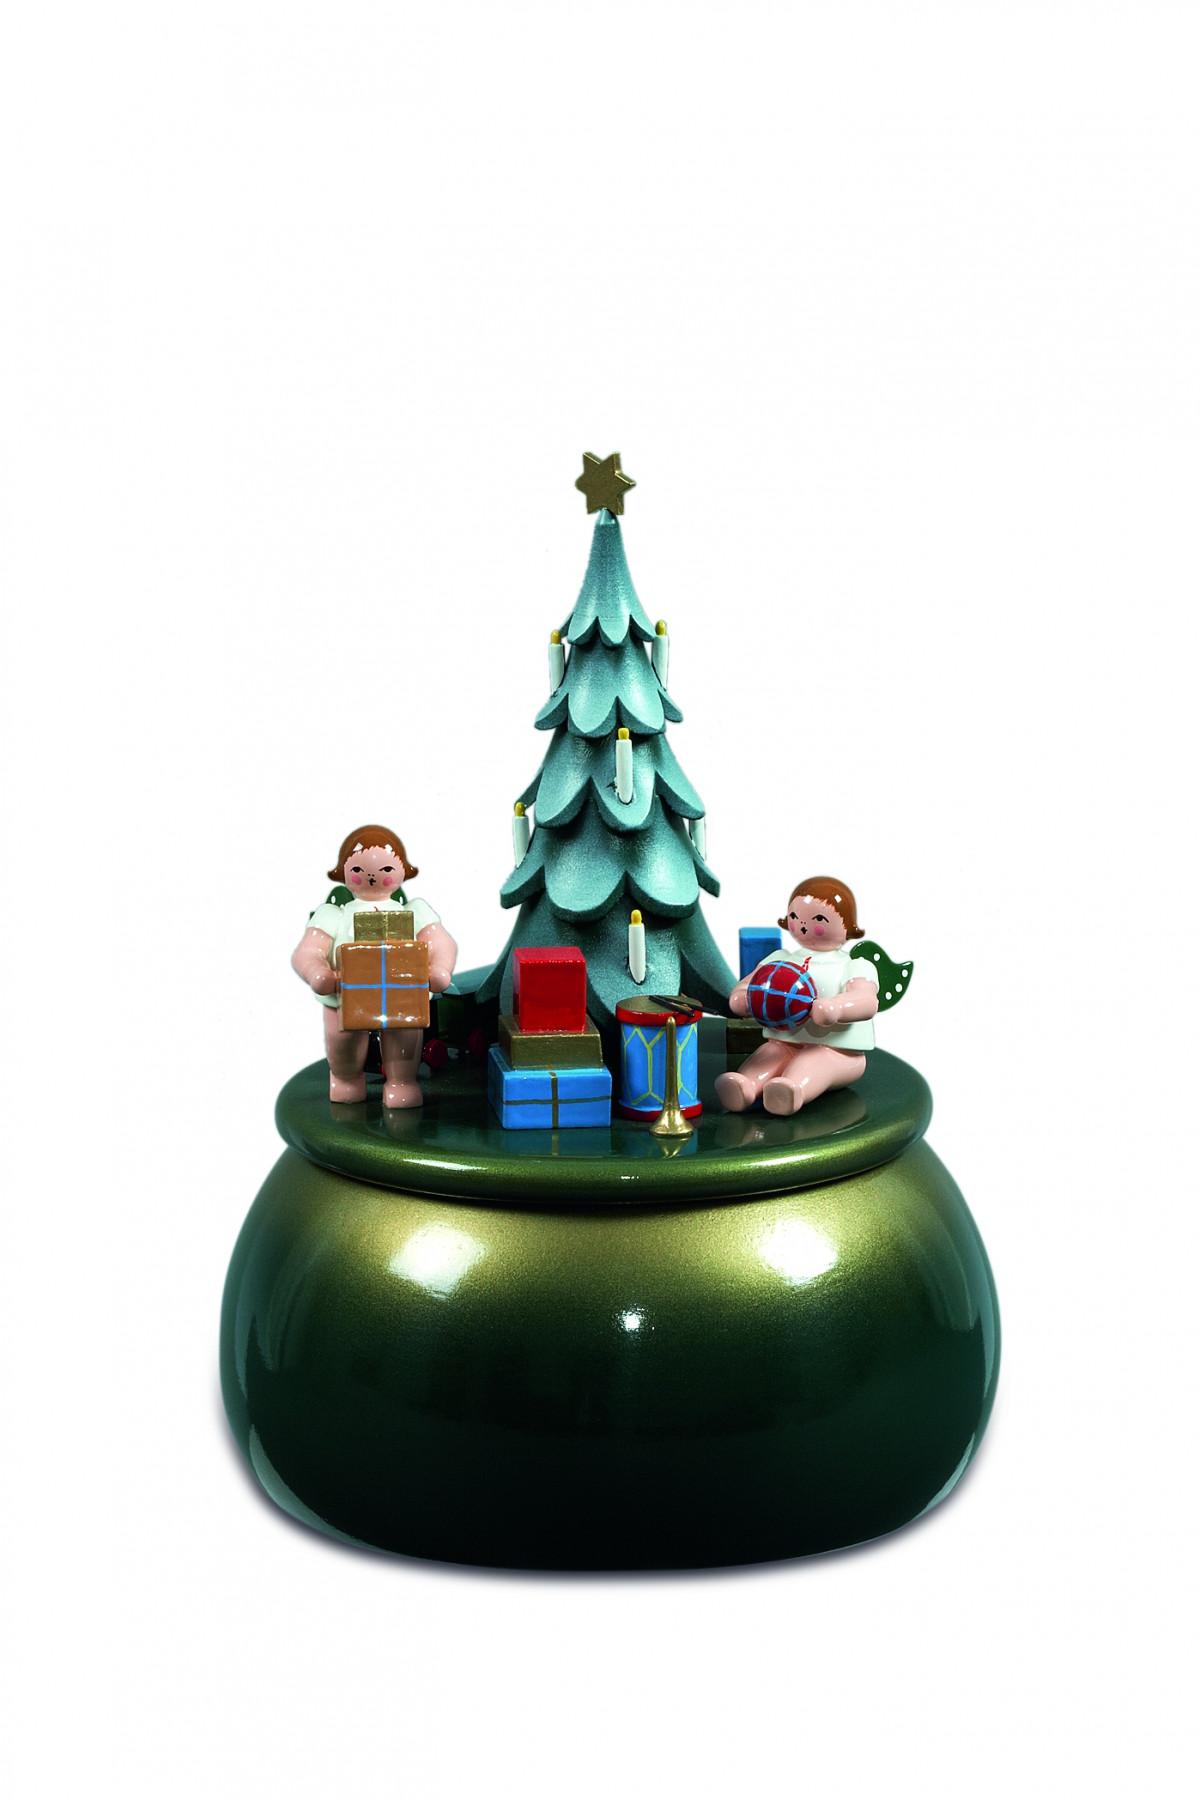 spieldose engel am weihnachtsbaum gr n gold ohne krone. Black Bedroom Furniture Sets. Home Design Ideas